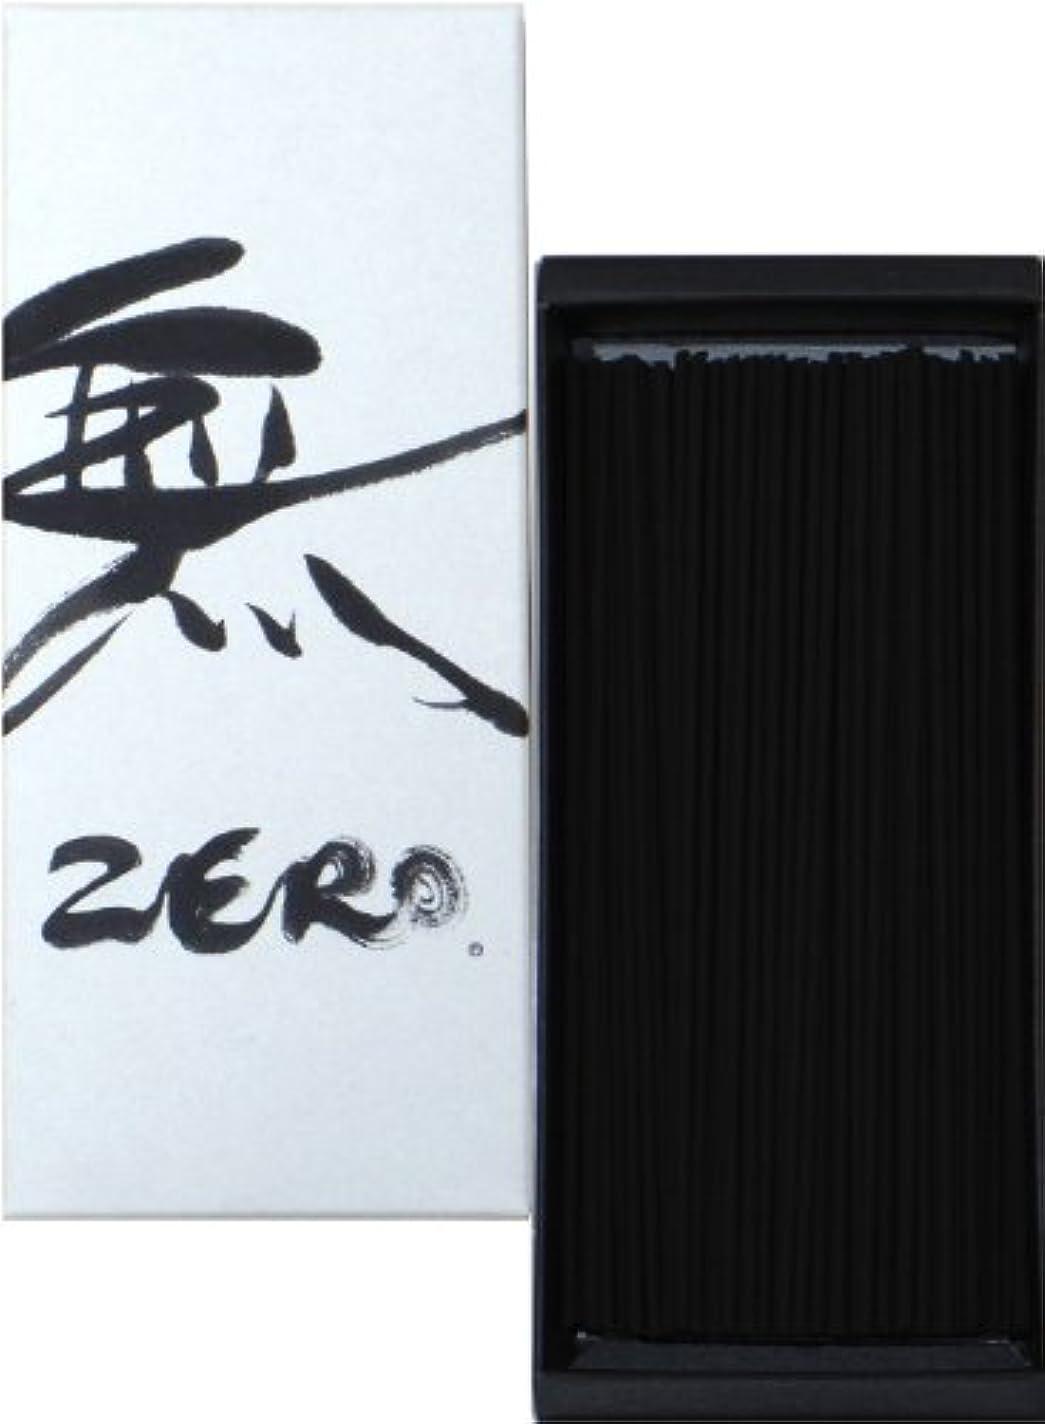 マウスピース工業用有罪丸叶むらたのお線香 無 ZERO(ゼロ)中バラ 約80g #ZR-02